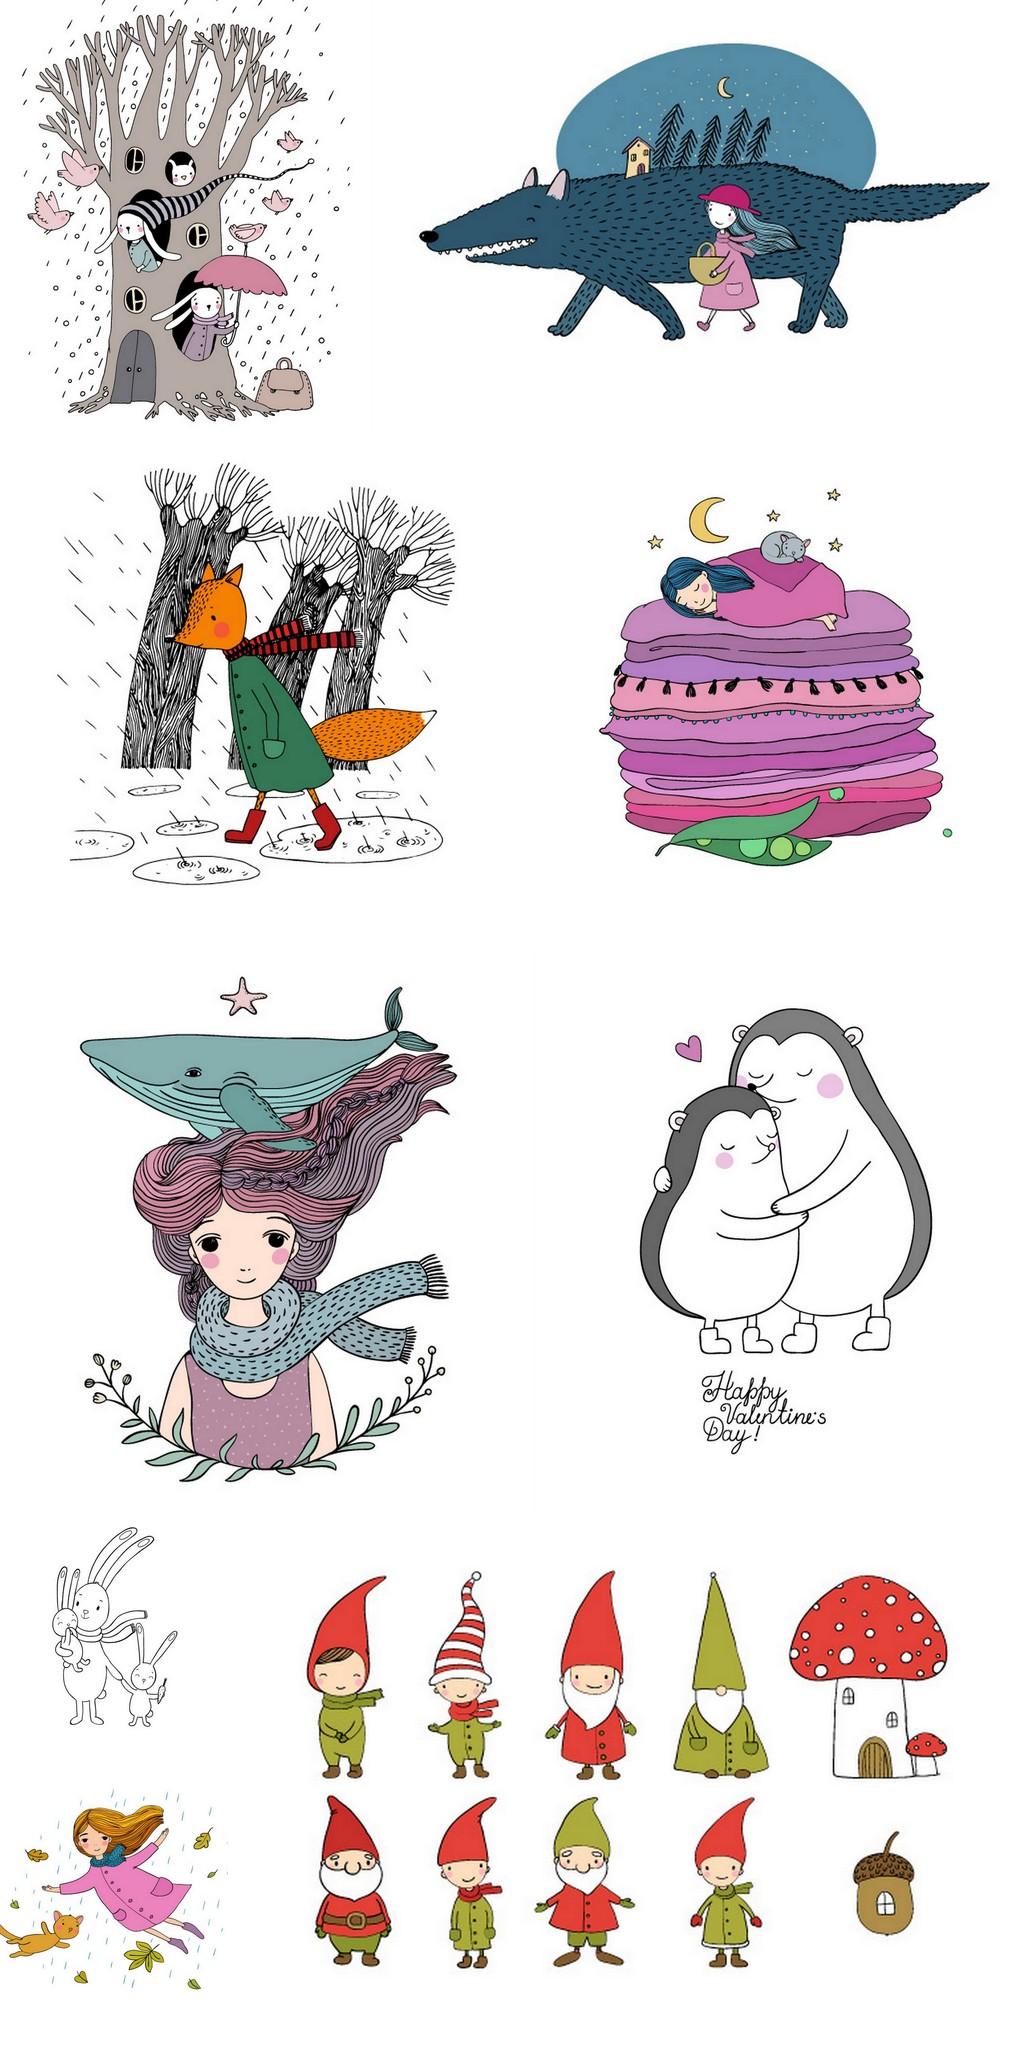 手绘卡通插画小女孩刺猬兔子圣诞小人素材